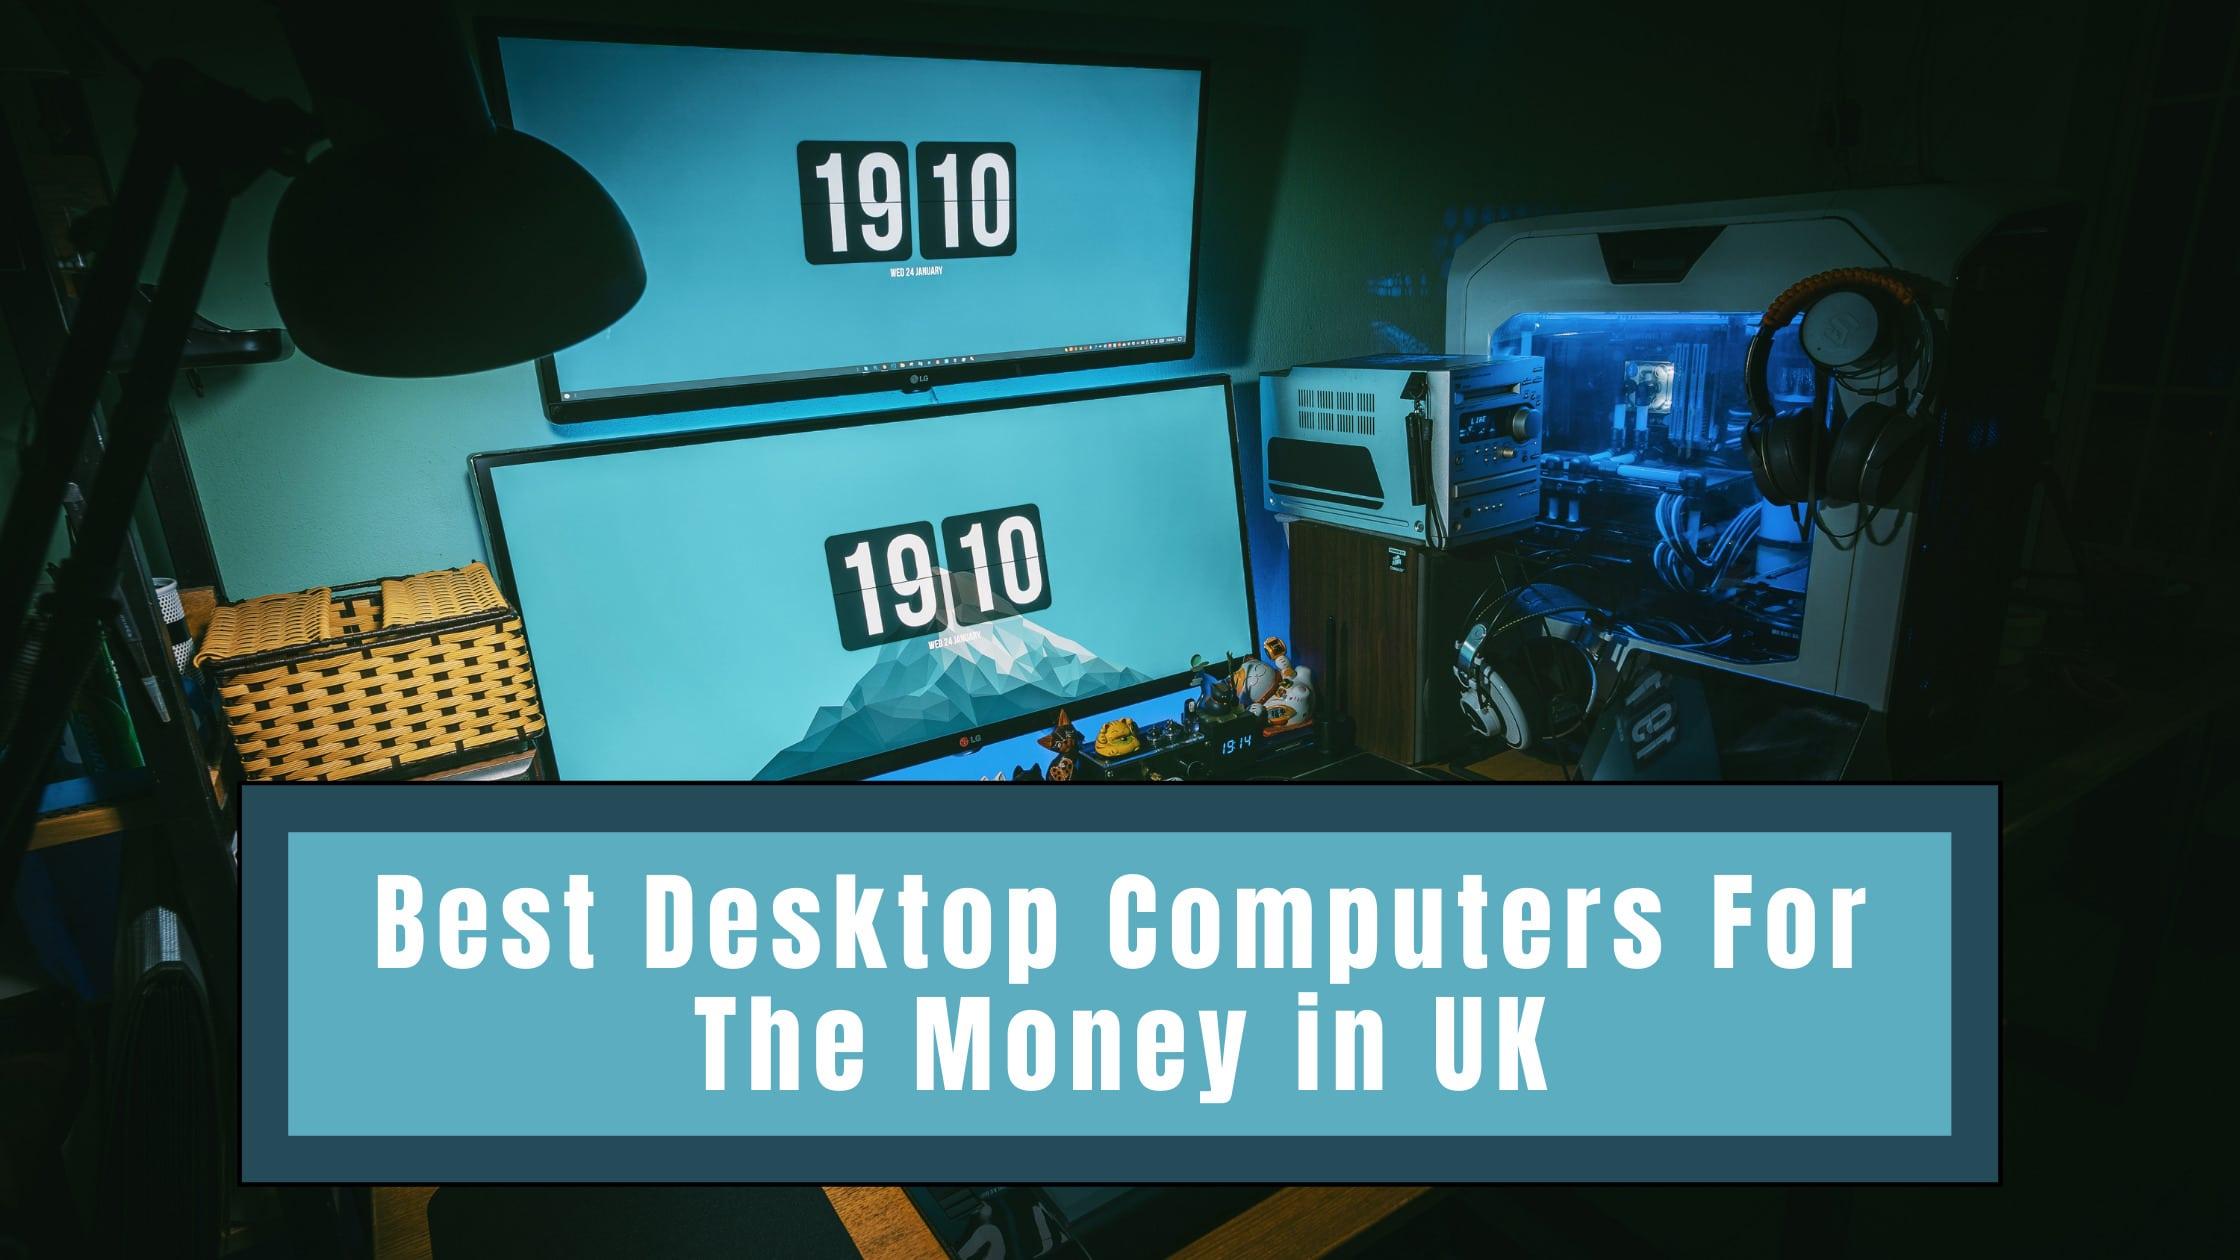 Best Desktop Computers For The Money in UK